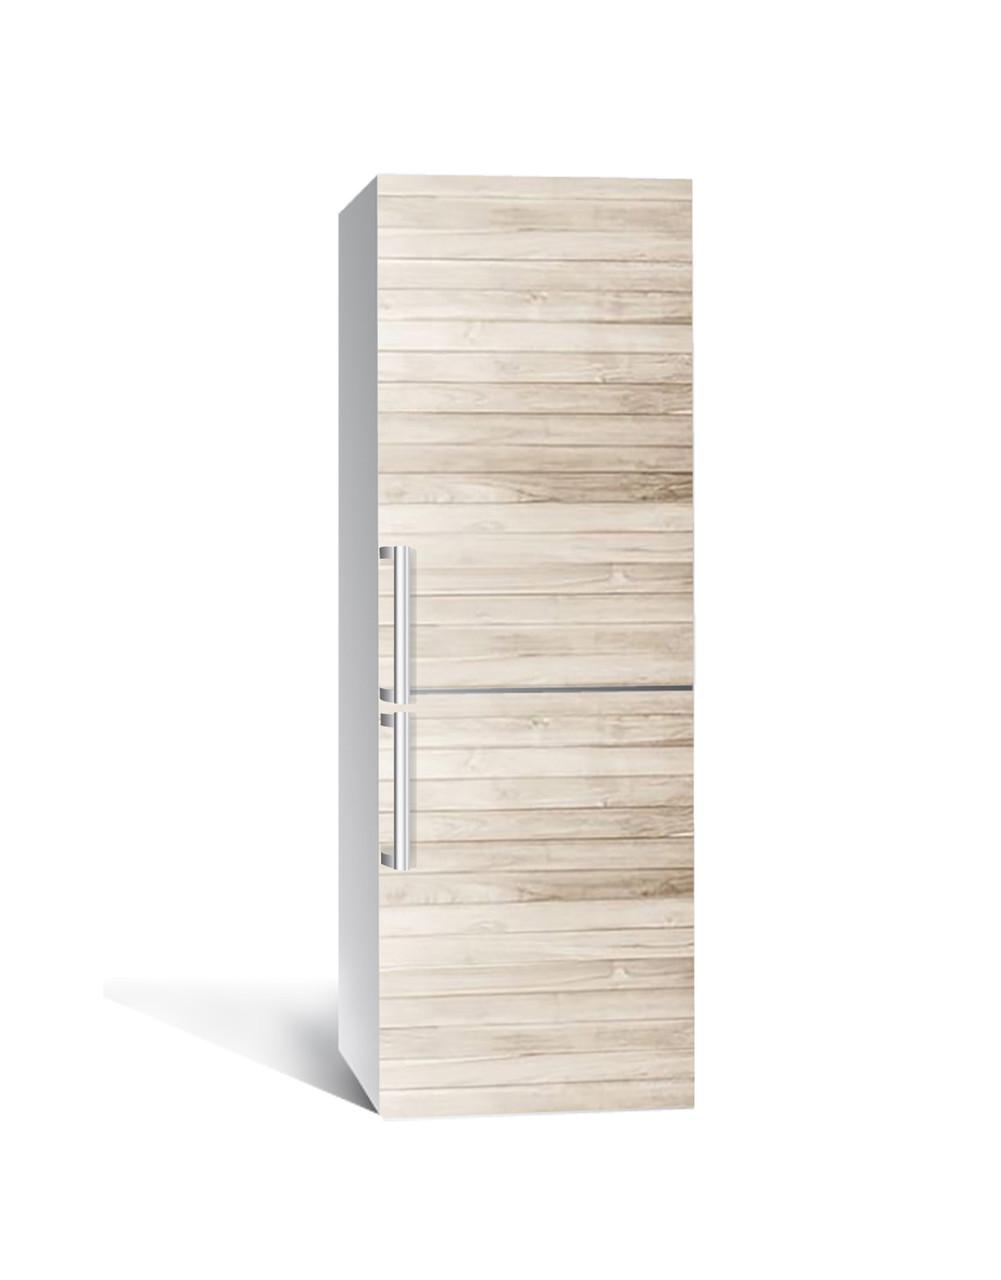 Вінілова 3Д наклейка на холодильник Біле Дерево Дошки (плівка ПВХ фотодрук) 65*200см Текстура Бежевий